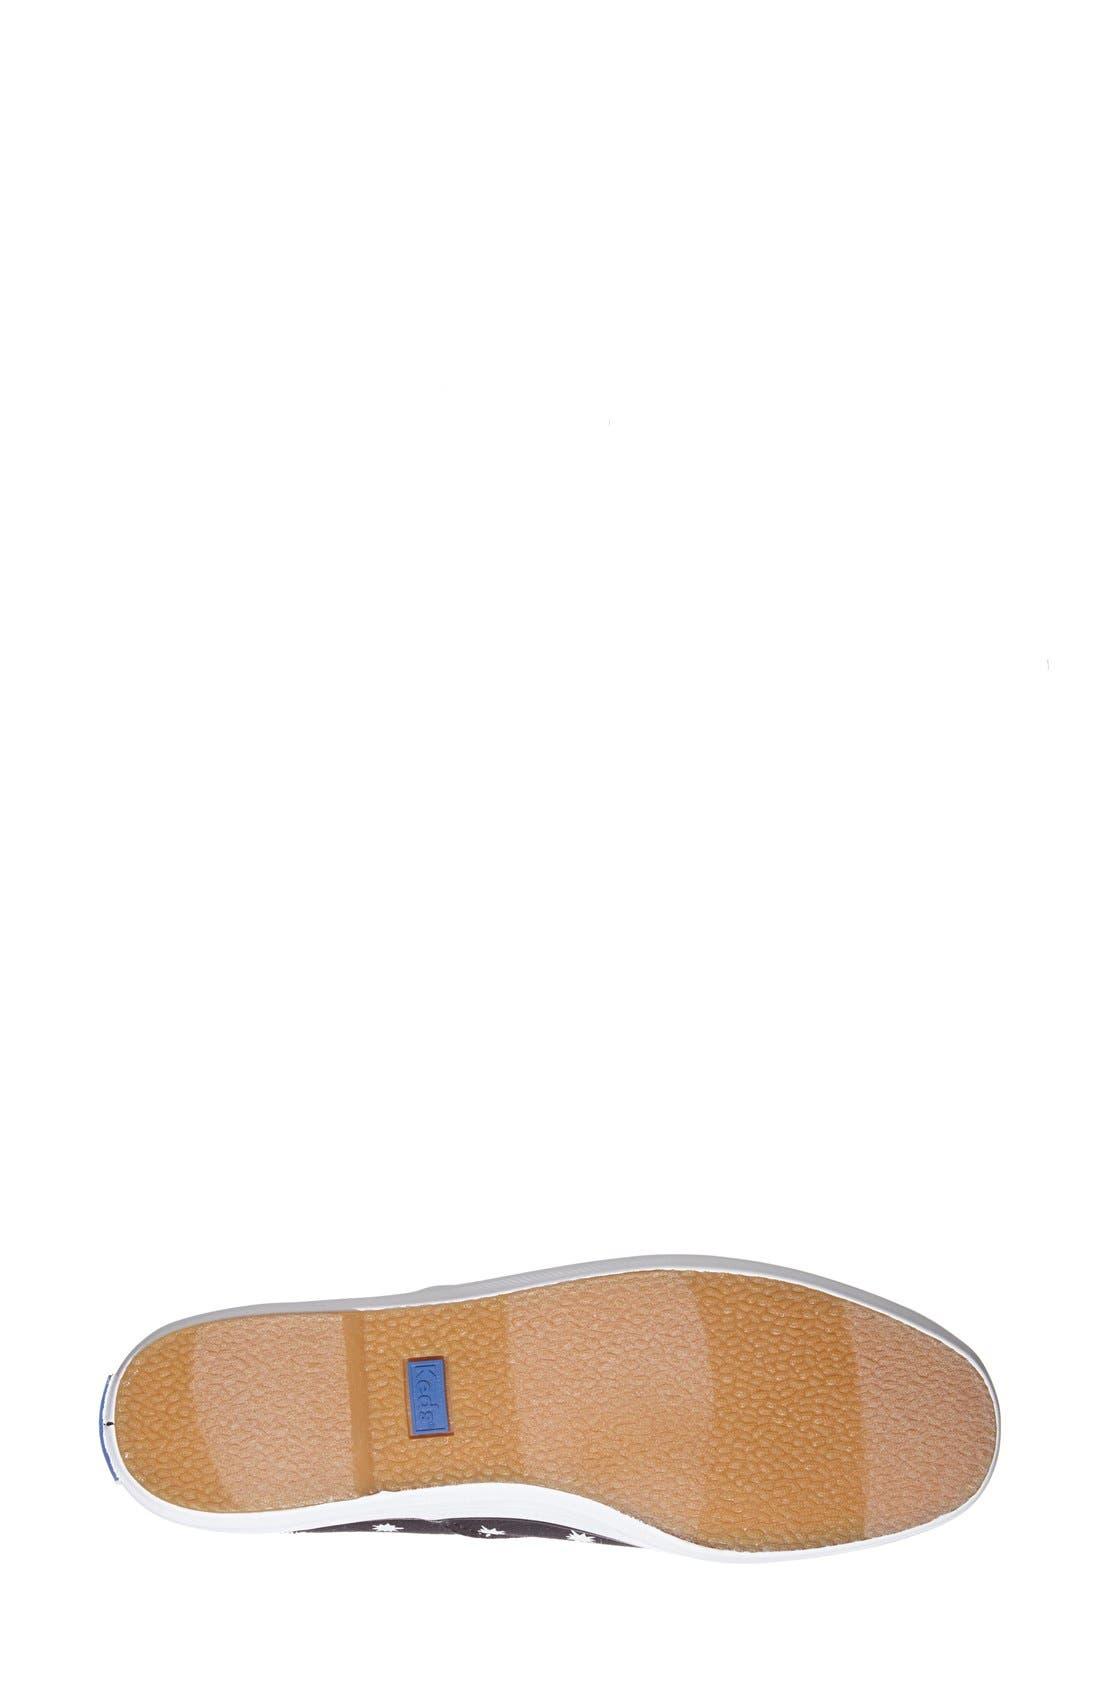 Alternate Image 4  - Keds® 'Champion - Starburst' Sneaker (Women)